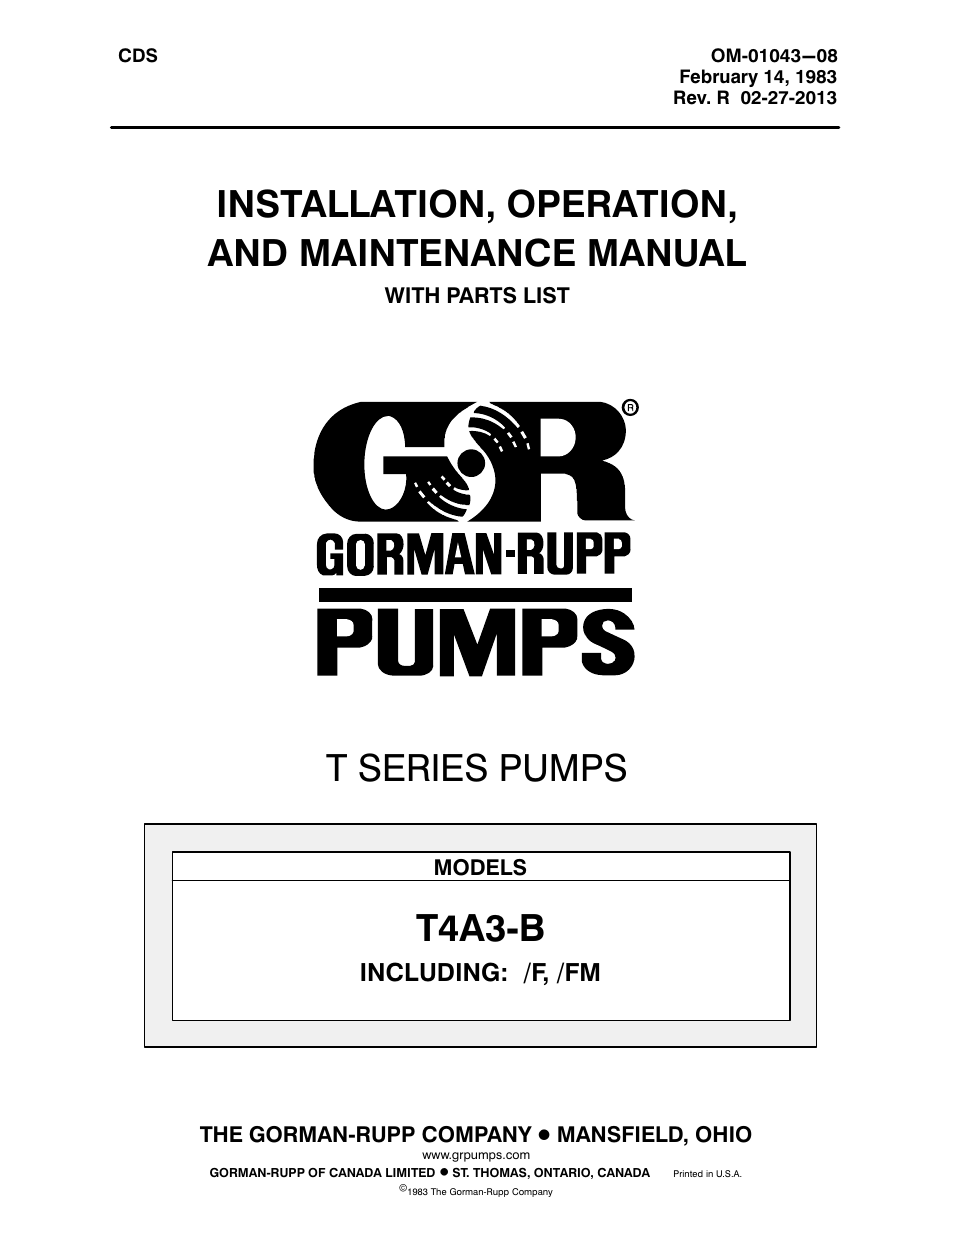 gorman rupp pumps t4a3 b f fm user manual 39 pages rh manualsdir com gorman rupp parts manual gorman rupp parts manual